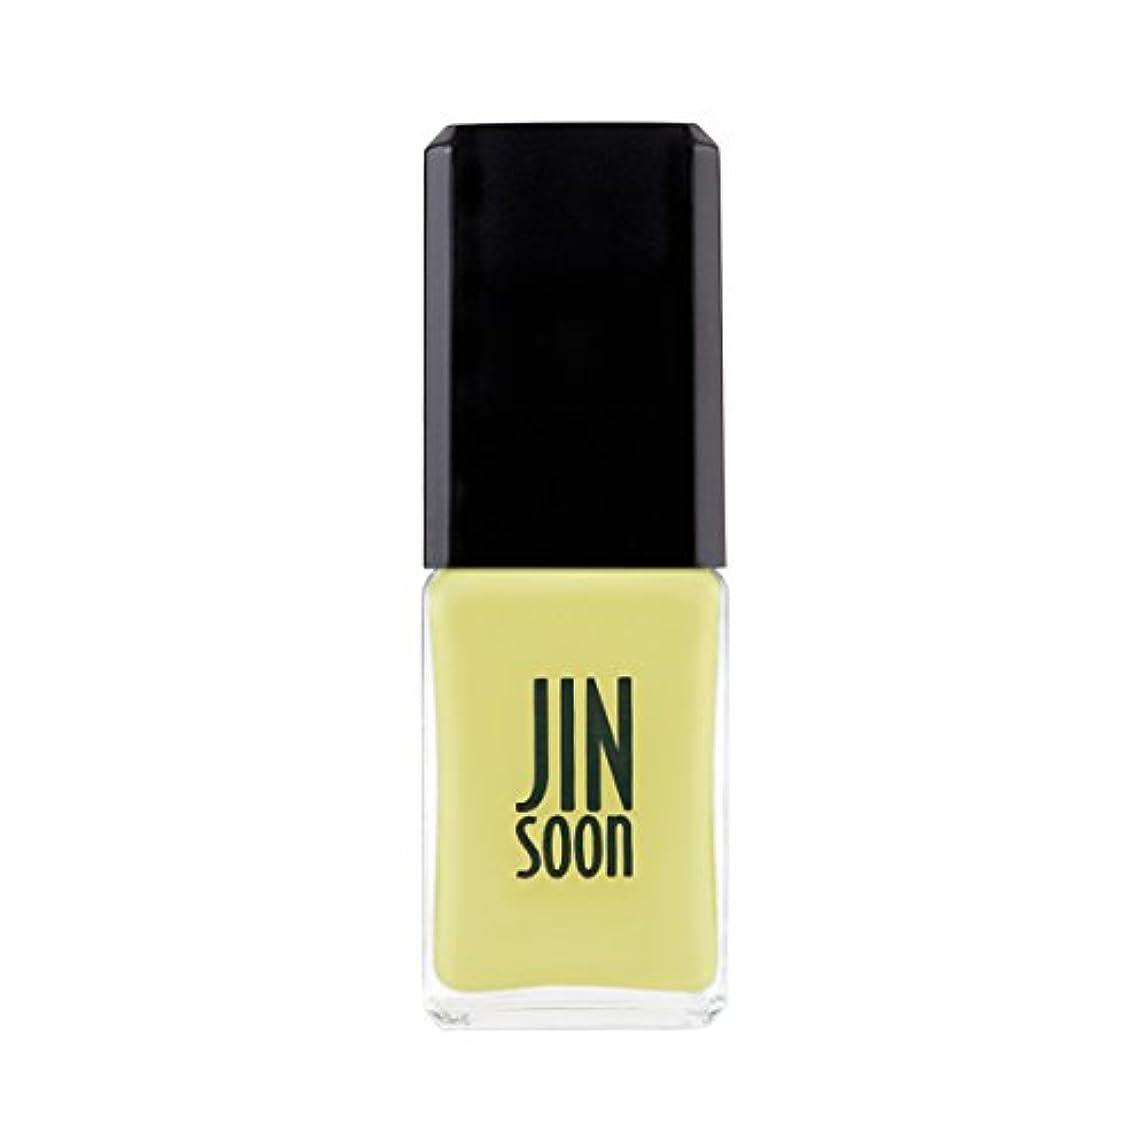 不要不機嫌鳴らす[ジンスーン] [ jinsoon] シャルム Charme ジンスーンネイルポリッシュ 爪に優しい成分 11mL